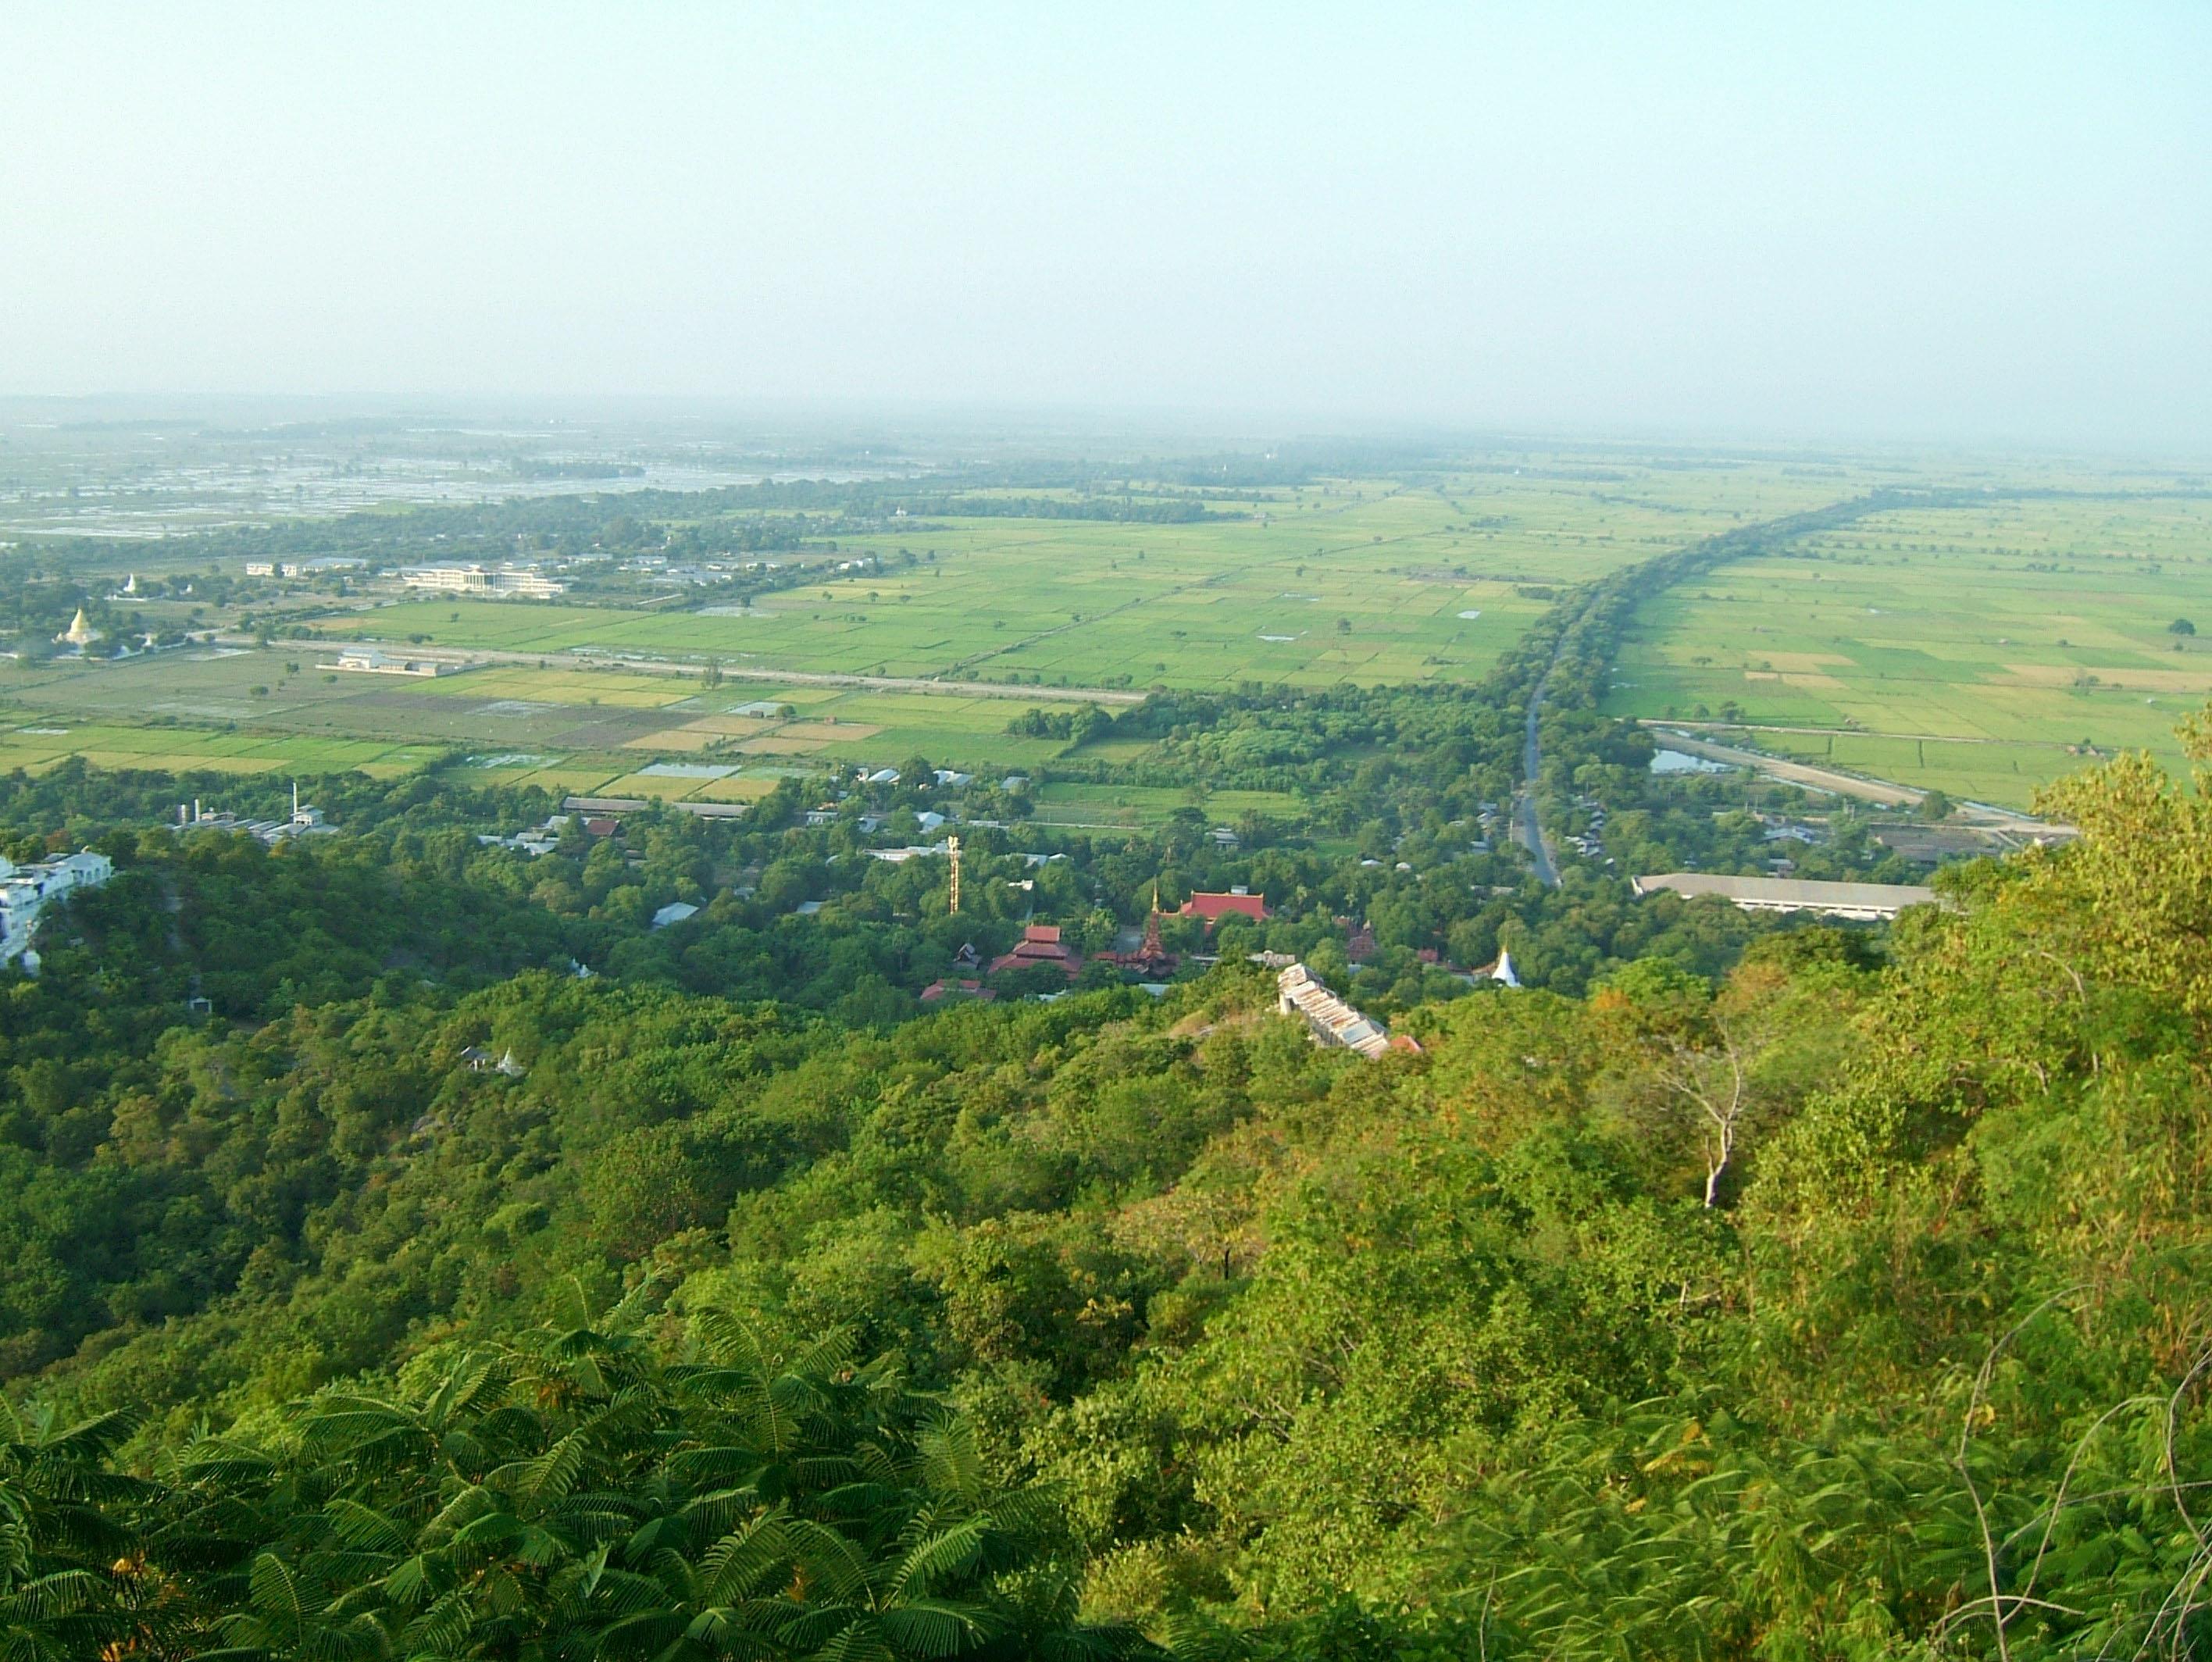 Mandalay Hill Sutaungpyei Pagoda panoramic views Dec 2000 24